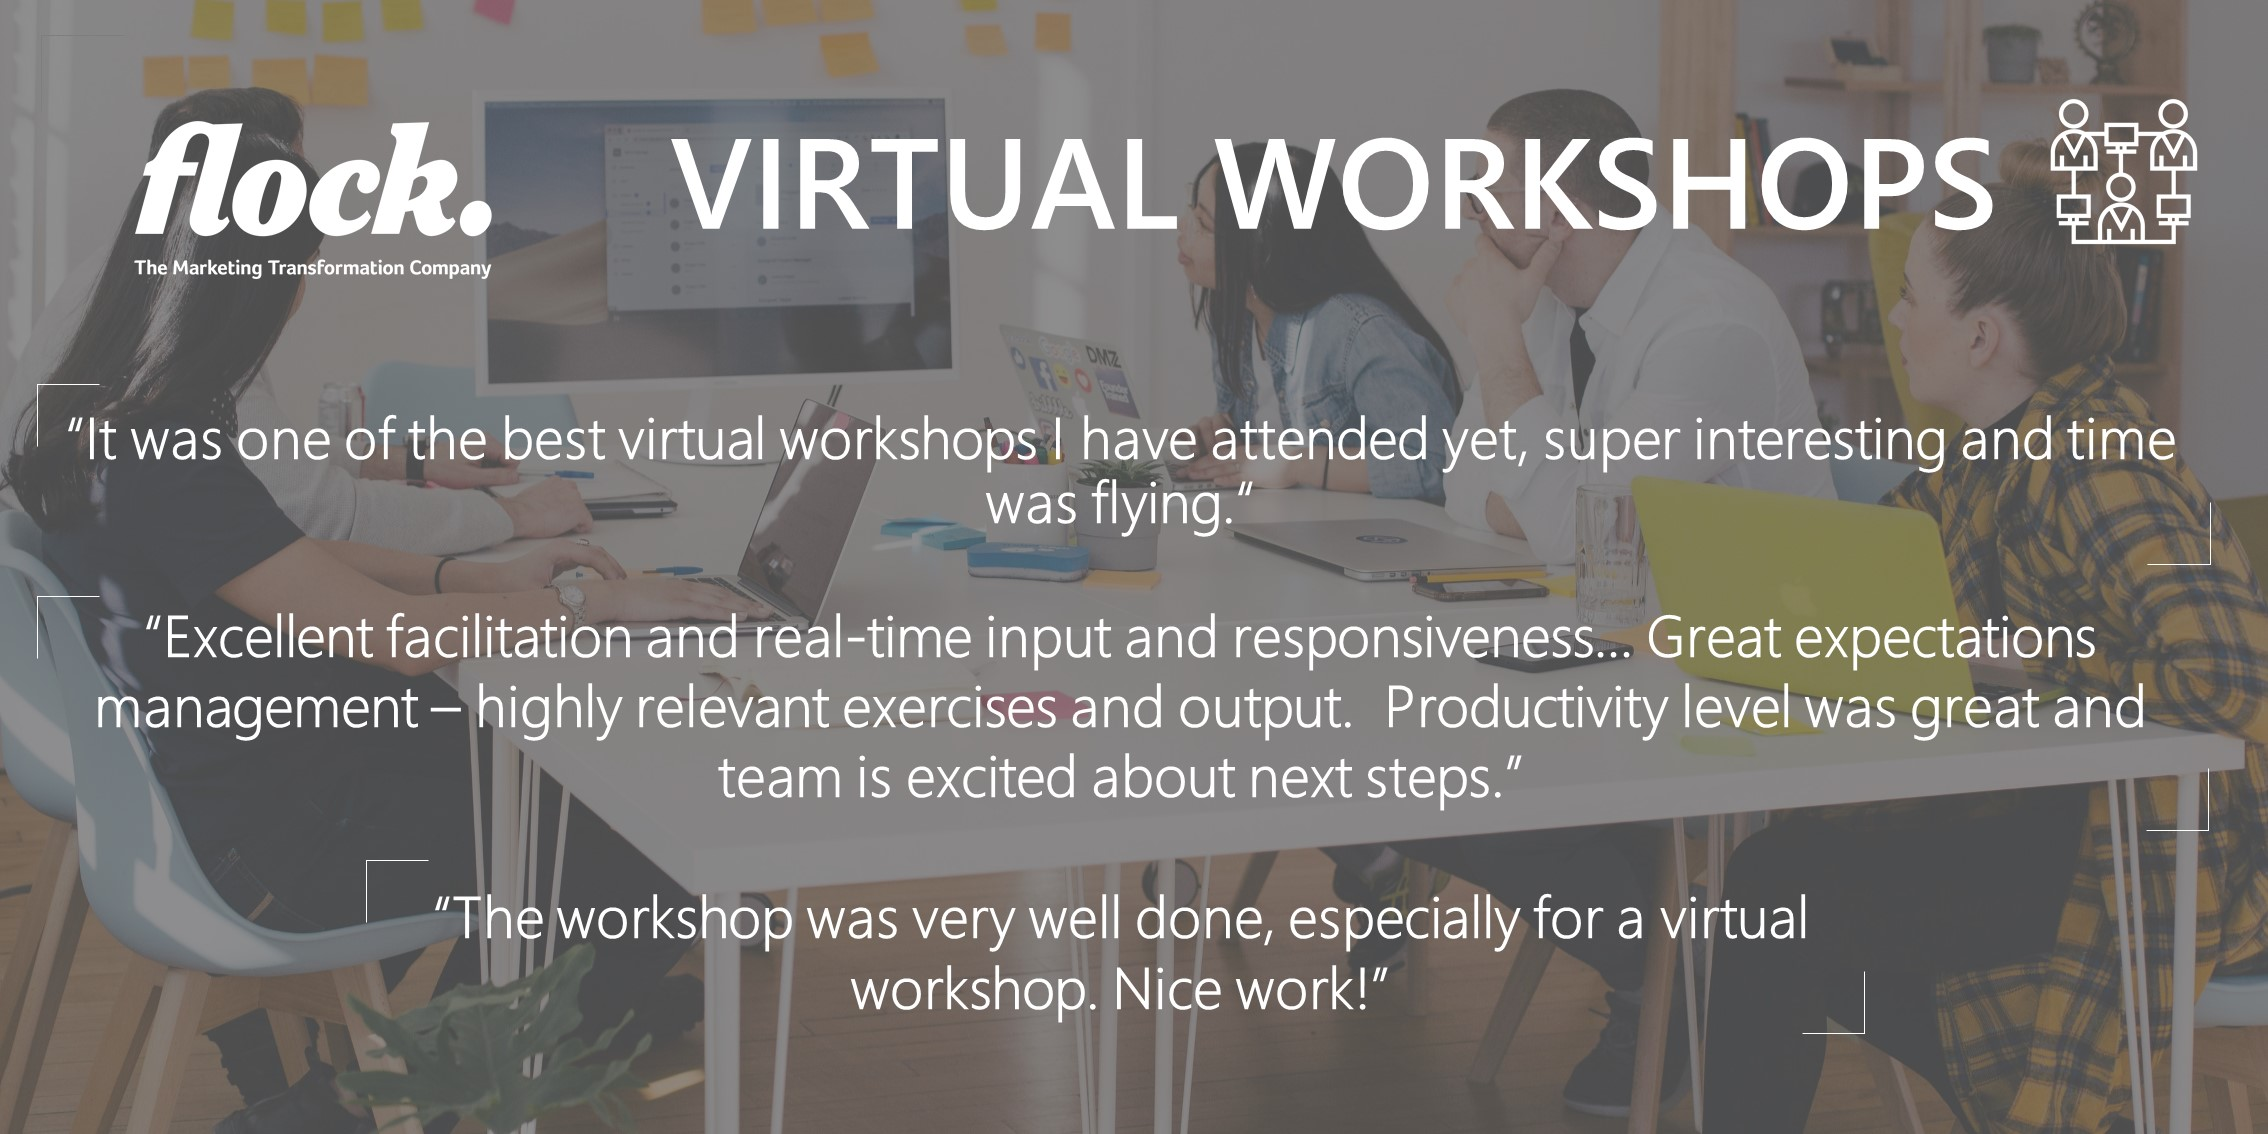 Flock Virtual Workshops